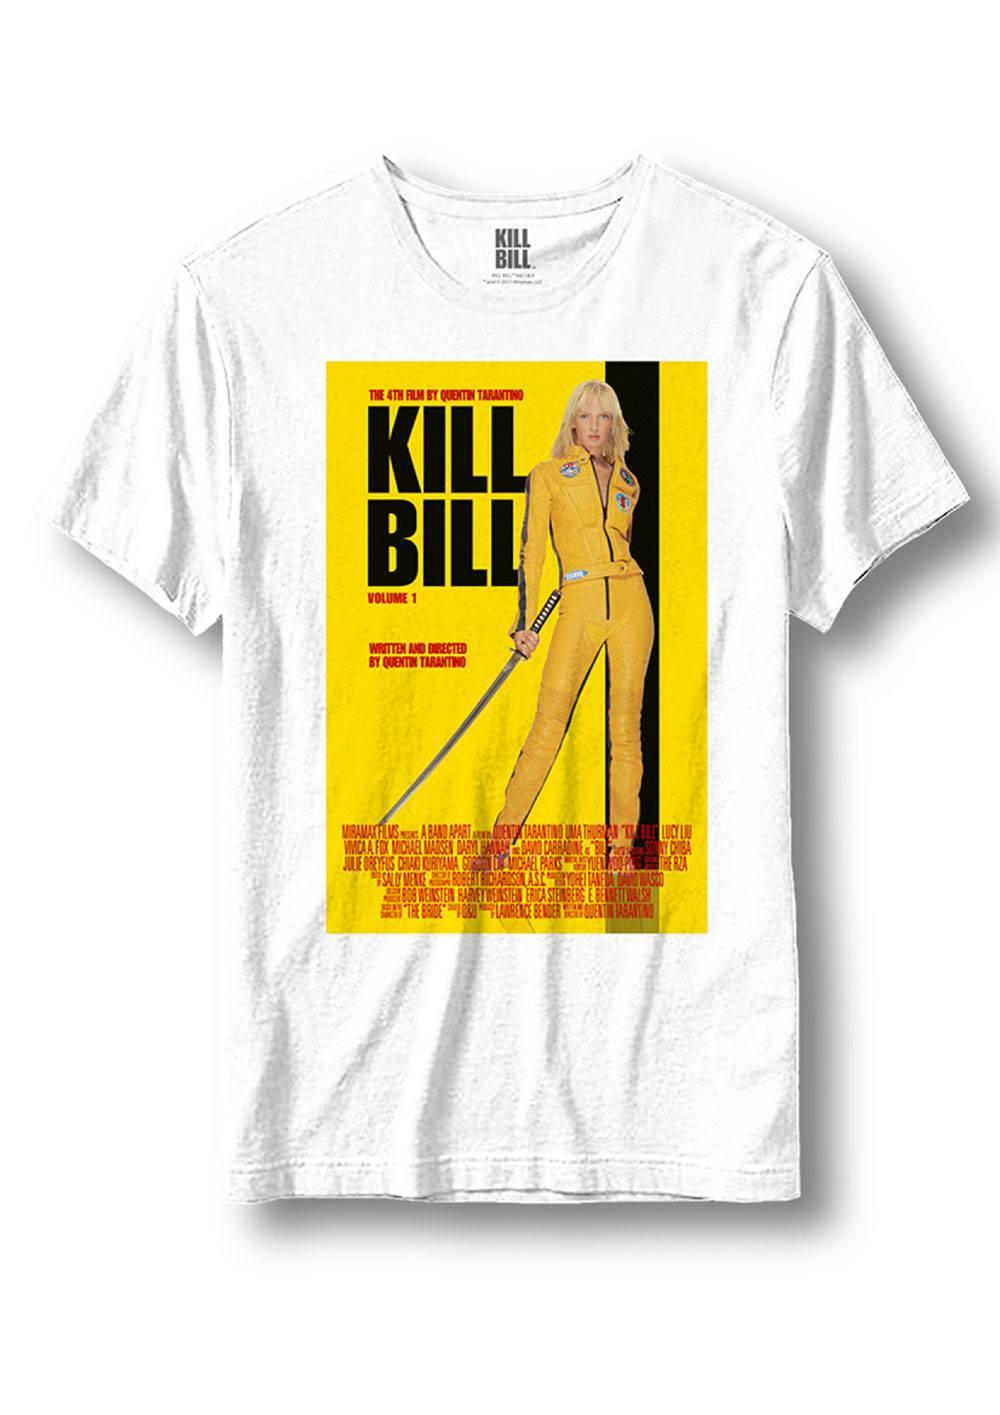 Kill Bill T-Shirt Poster Size L